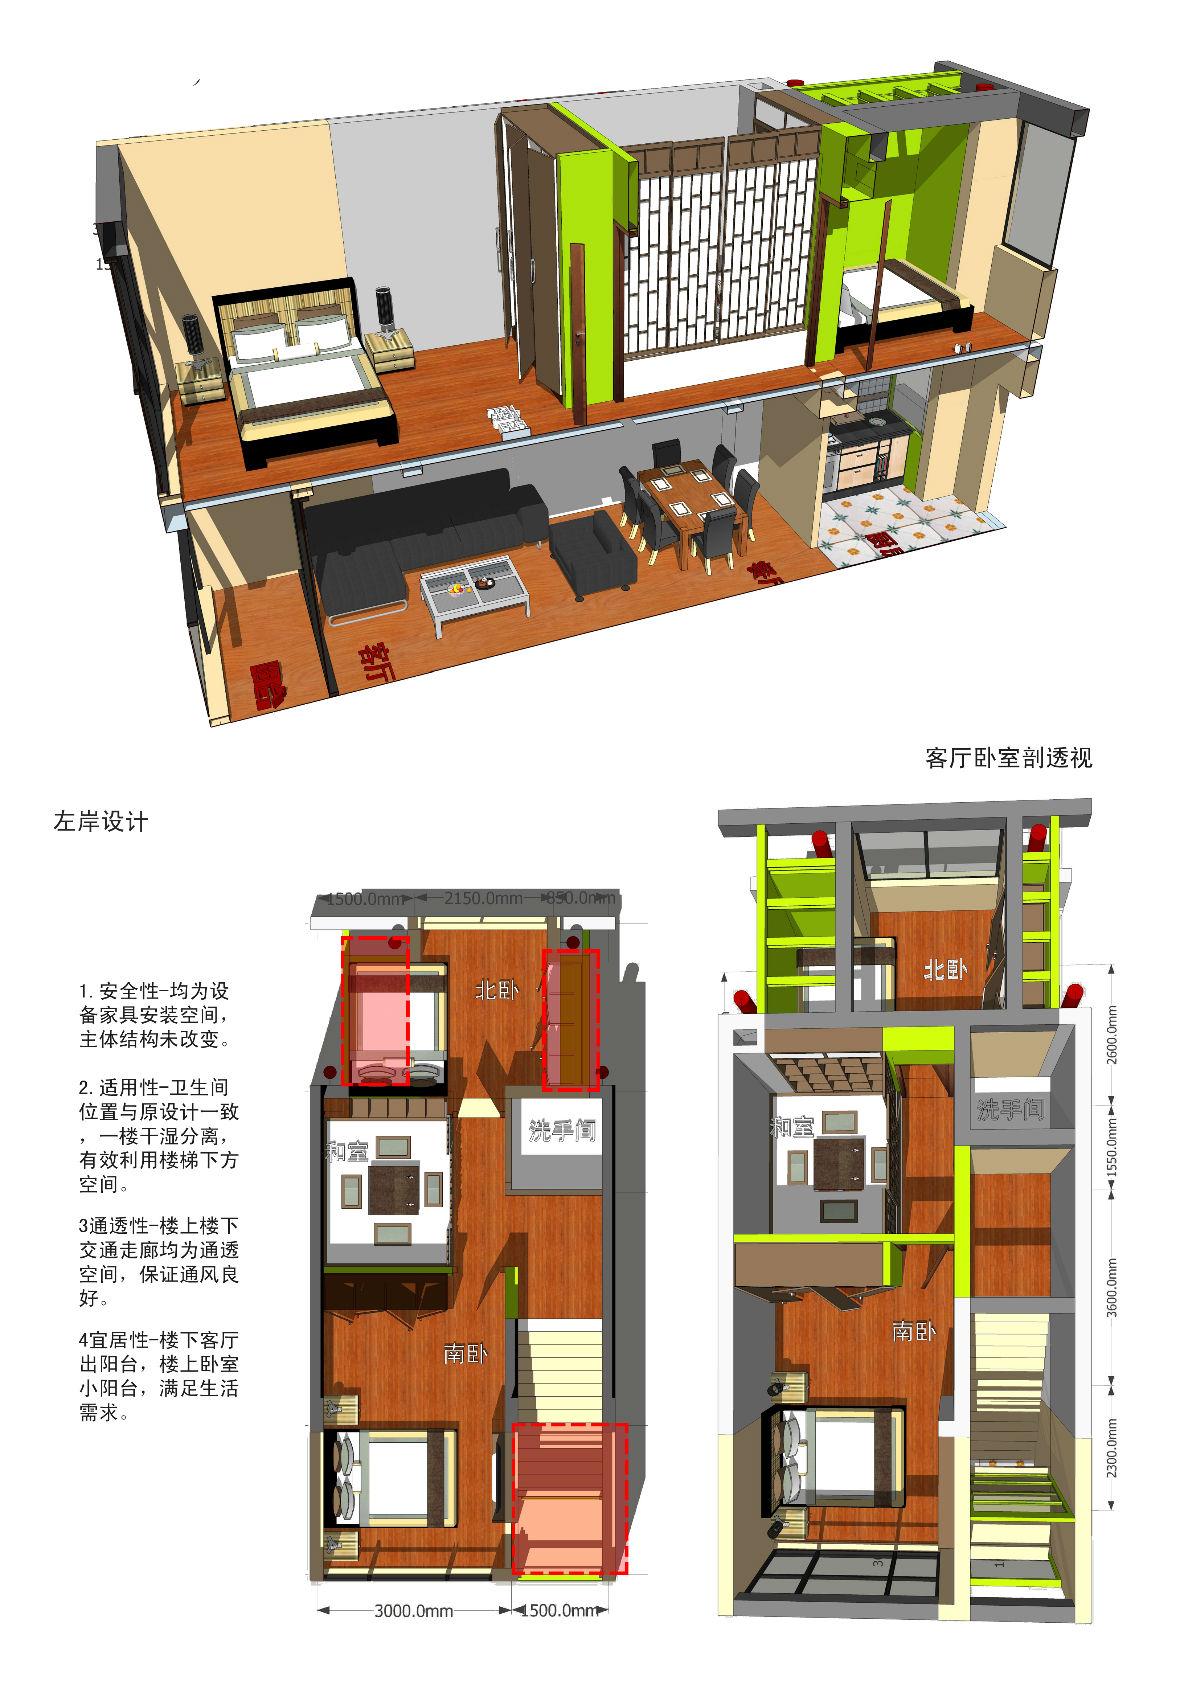 设计分享 狭长房屋设计图 > 进深近11m,比较狭长